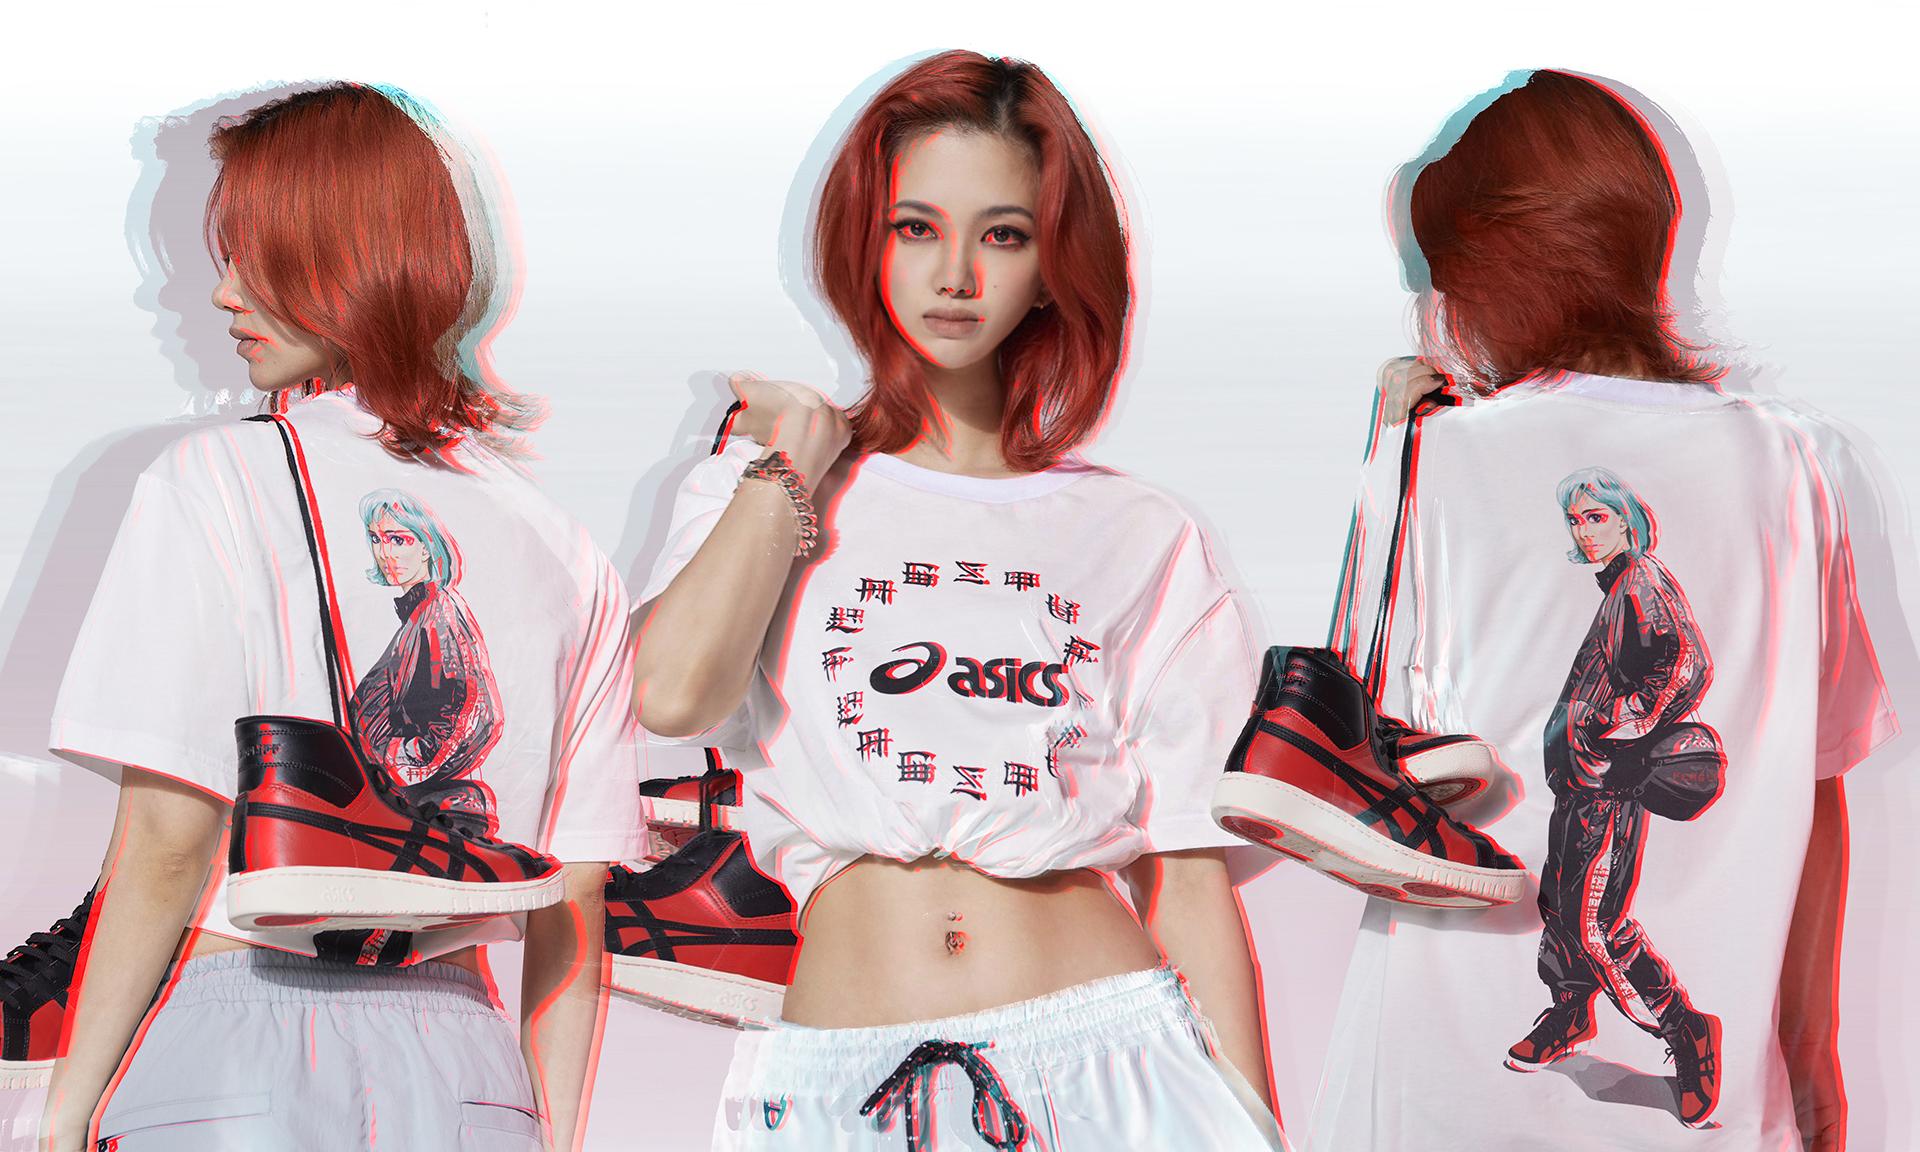 「放学后的 2.5 次元」,ASICS 亚瑟士联手日本品牌 FLAGSTUFF 推出胶囊系列